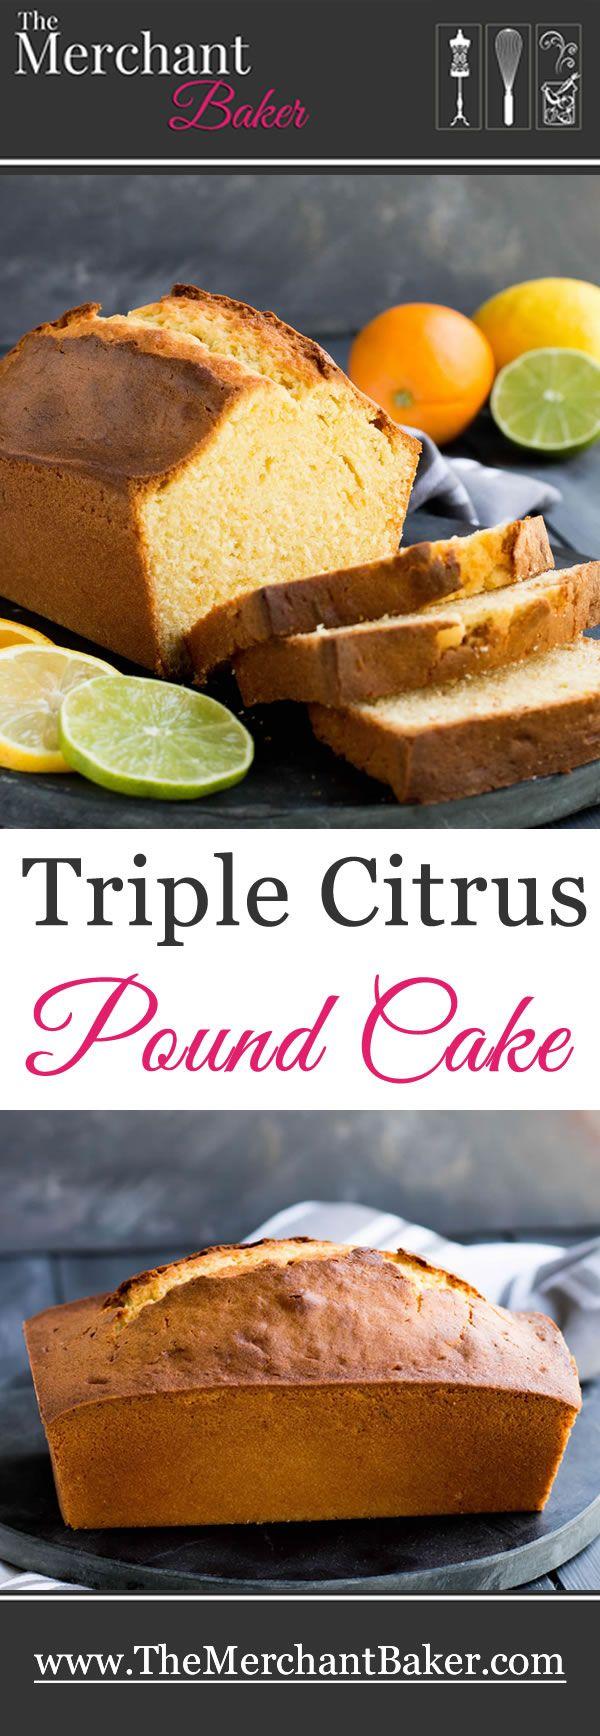 Dreifacher Zitrus-Pfund-Kuchen